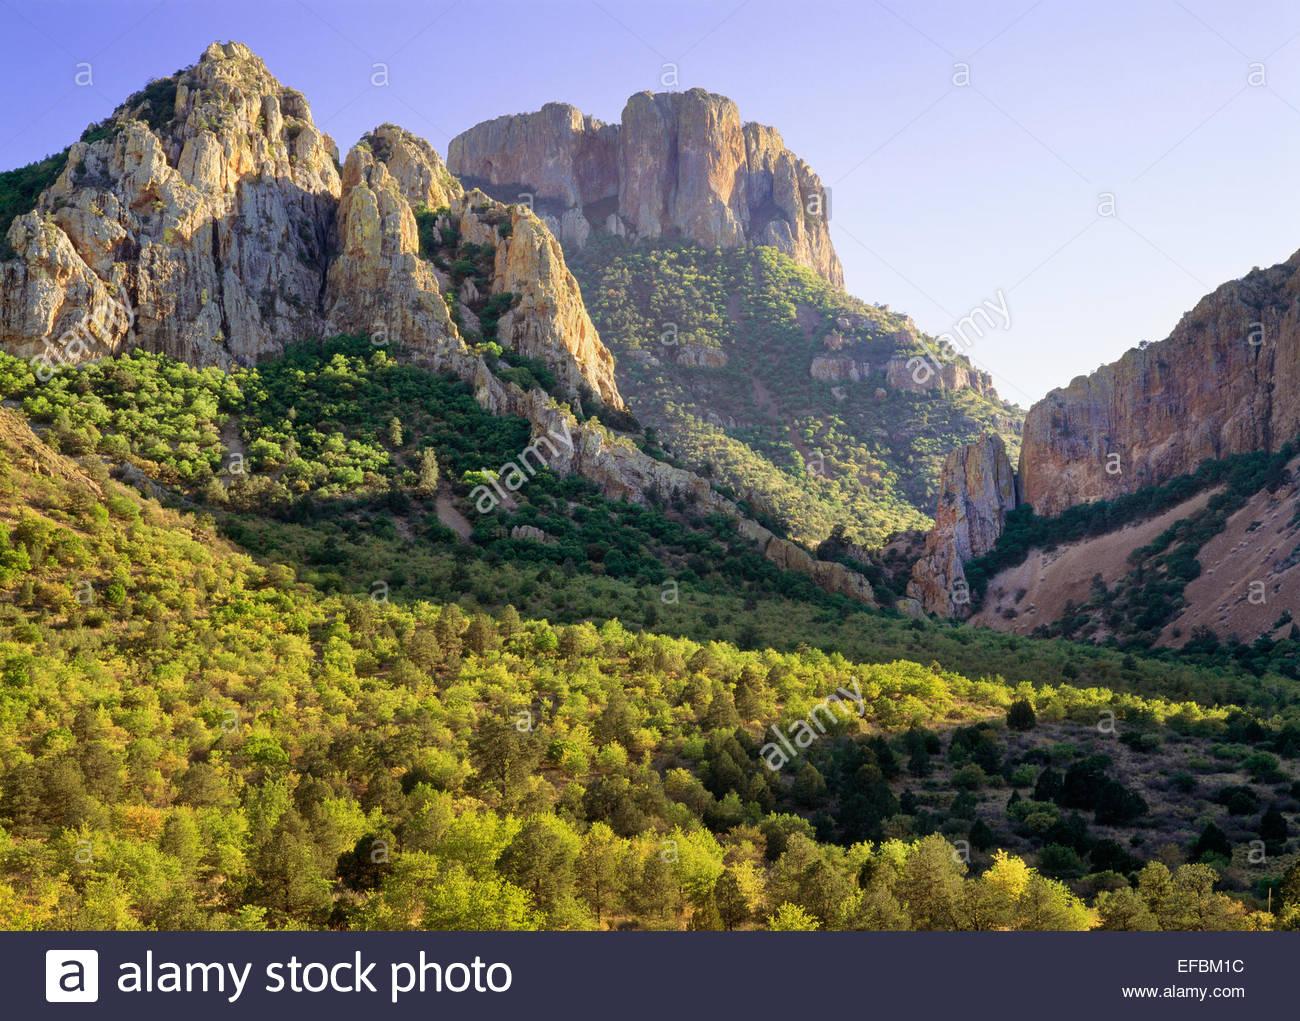 La région de Green Gulch, près de Panther Pass, montagnes Chiso. Big Bend National Park, Texas Photo Stock